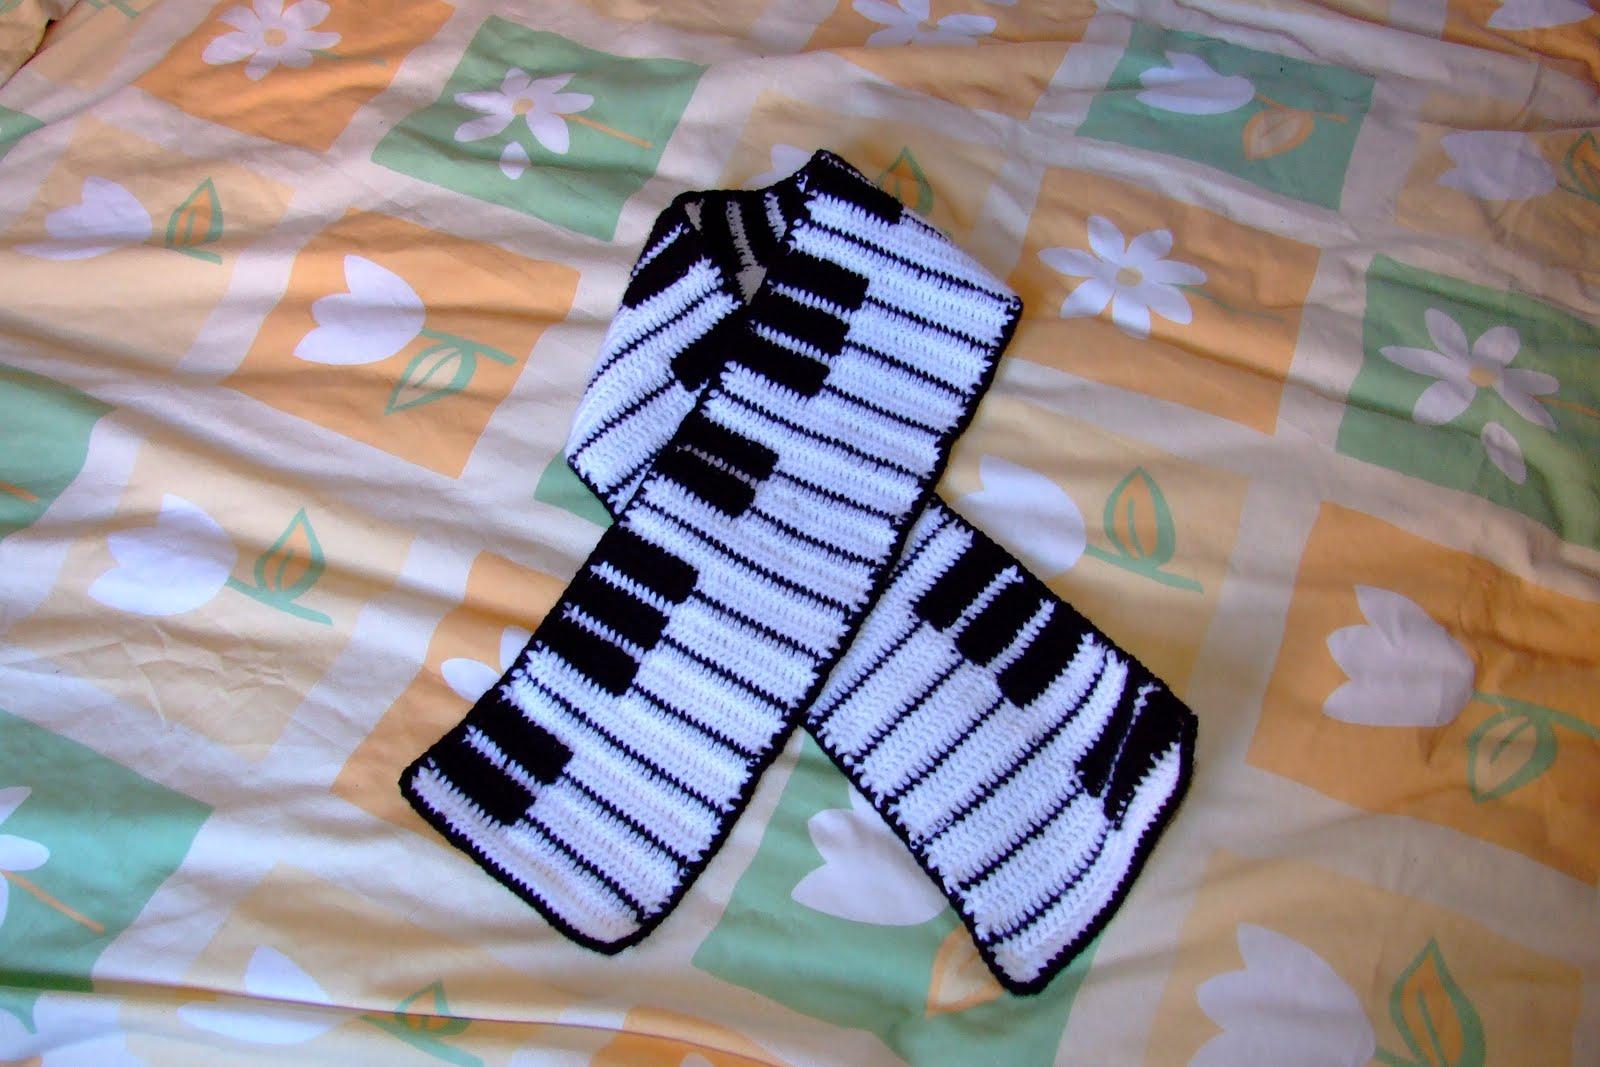 http://mislaboresytrabajos.blogspot.com.es/2010/02/hacemos-una-bufanda-piano.html